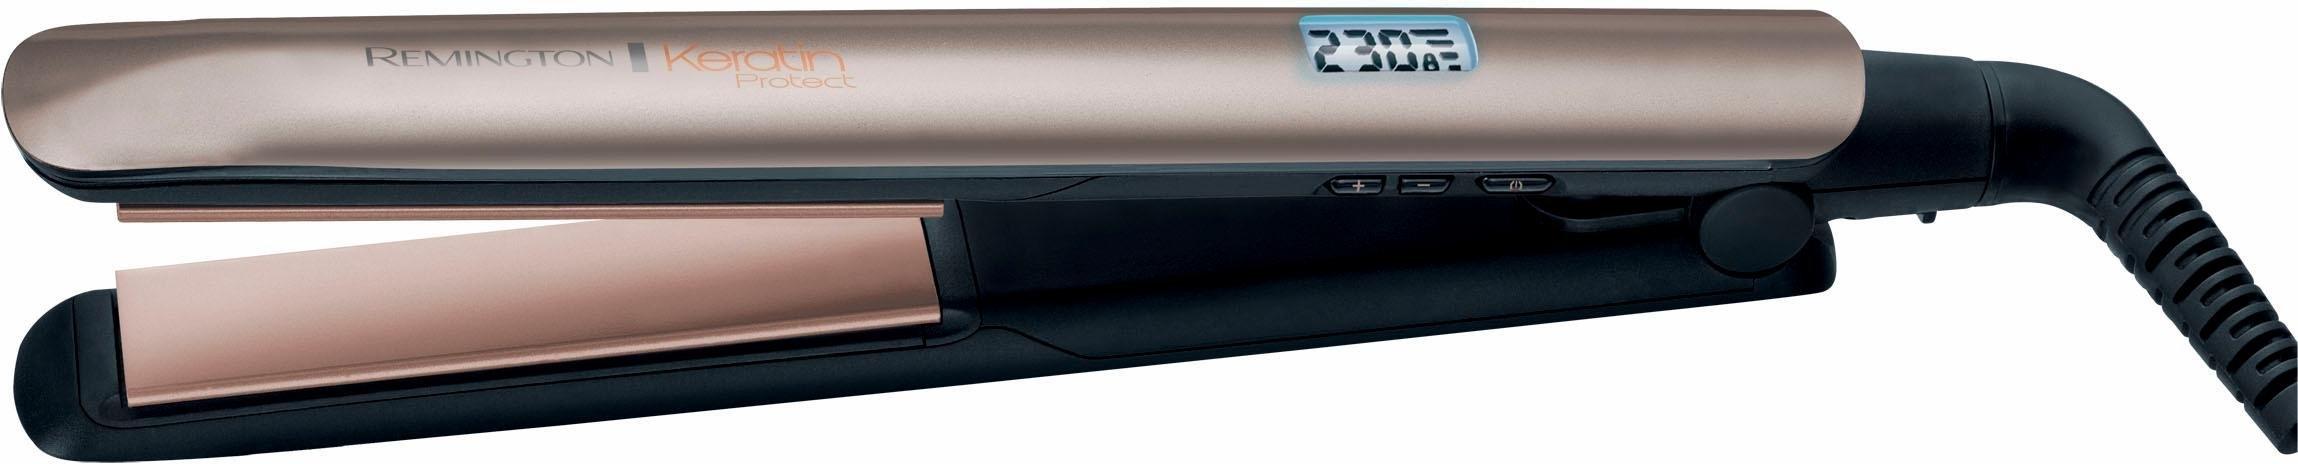 Remington ® Keratin Protect straightener S8540, opwarmtijd slechts 15 sec. online kopen op otto.nl